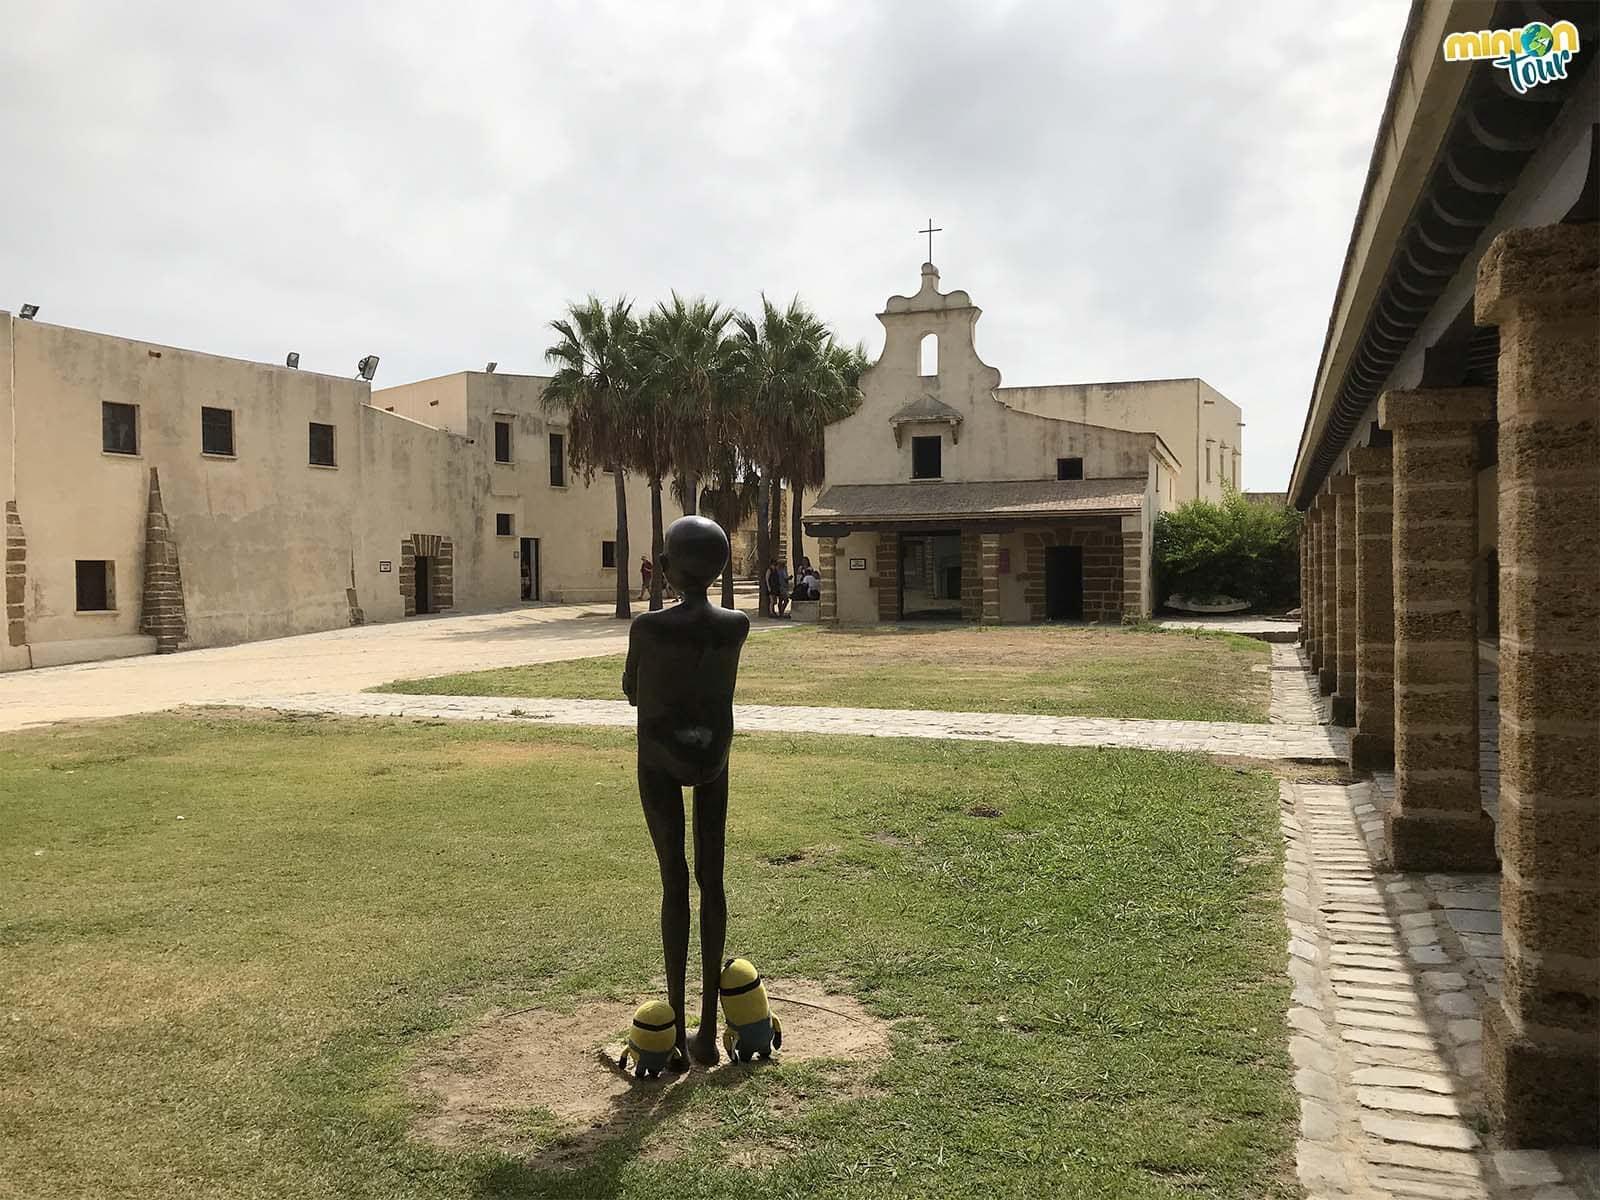 Una de las cosas que ver en Cádiz es el Castillo de Santa Catalina